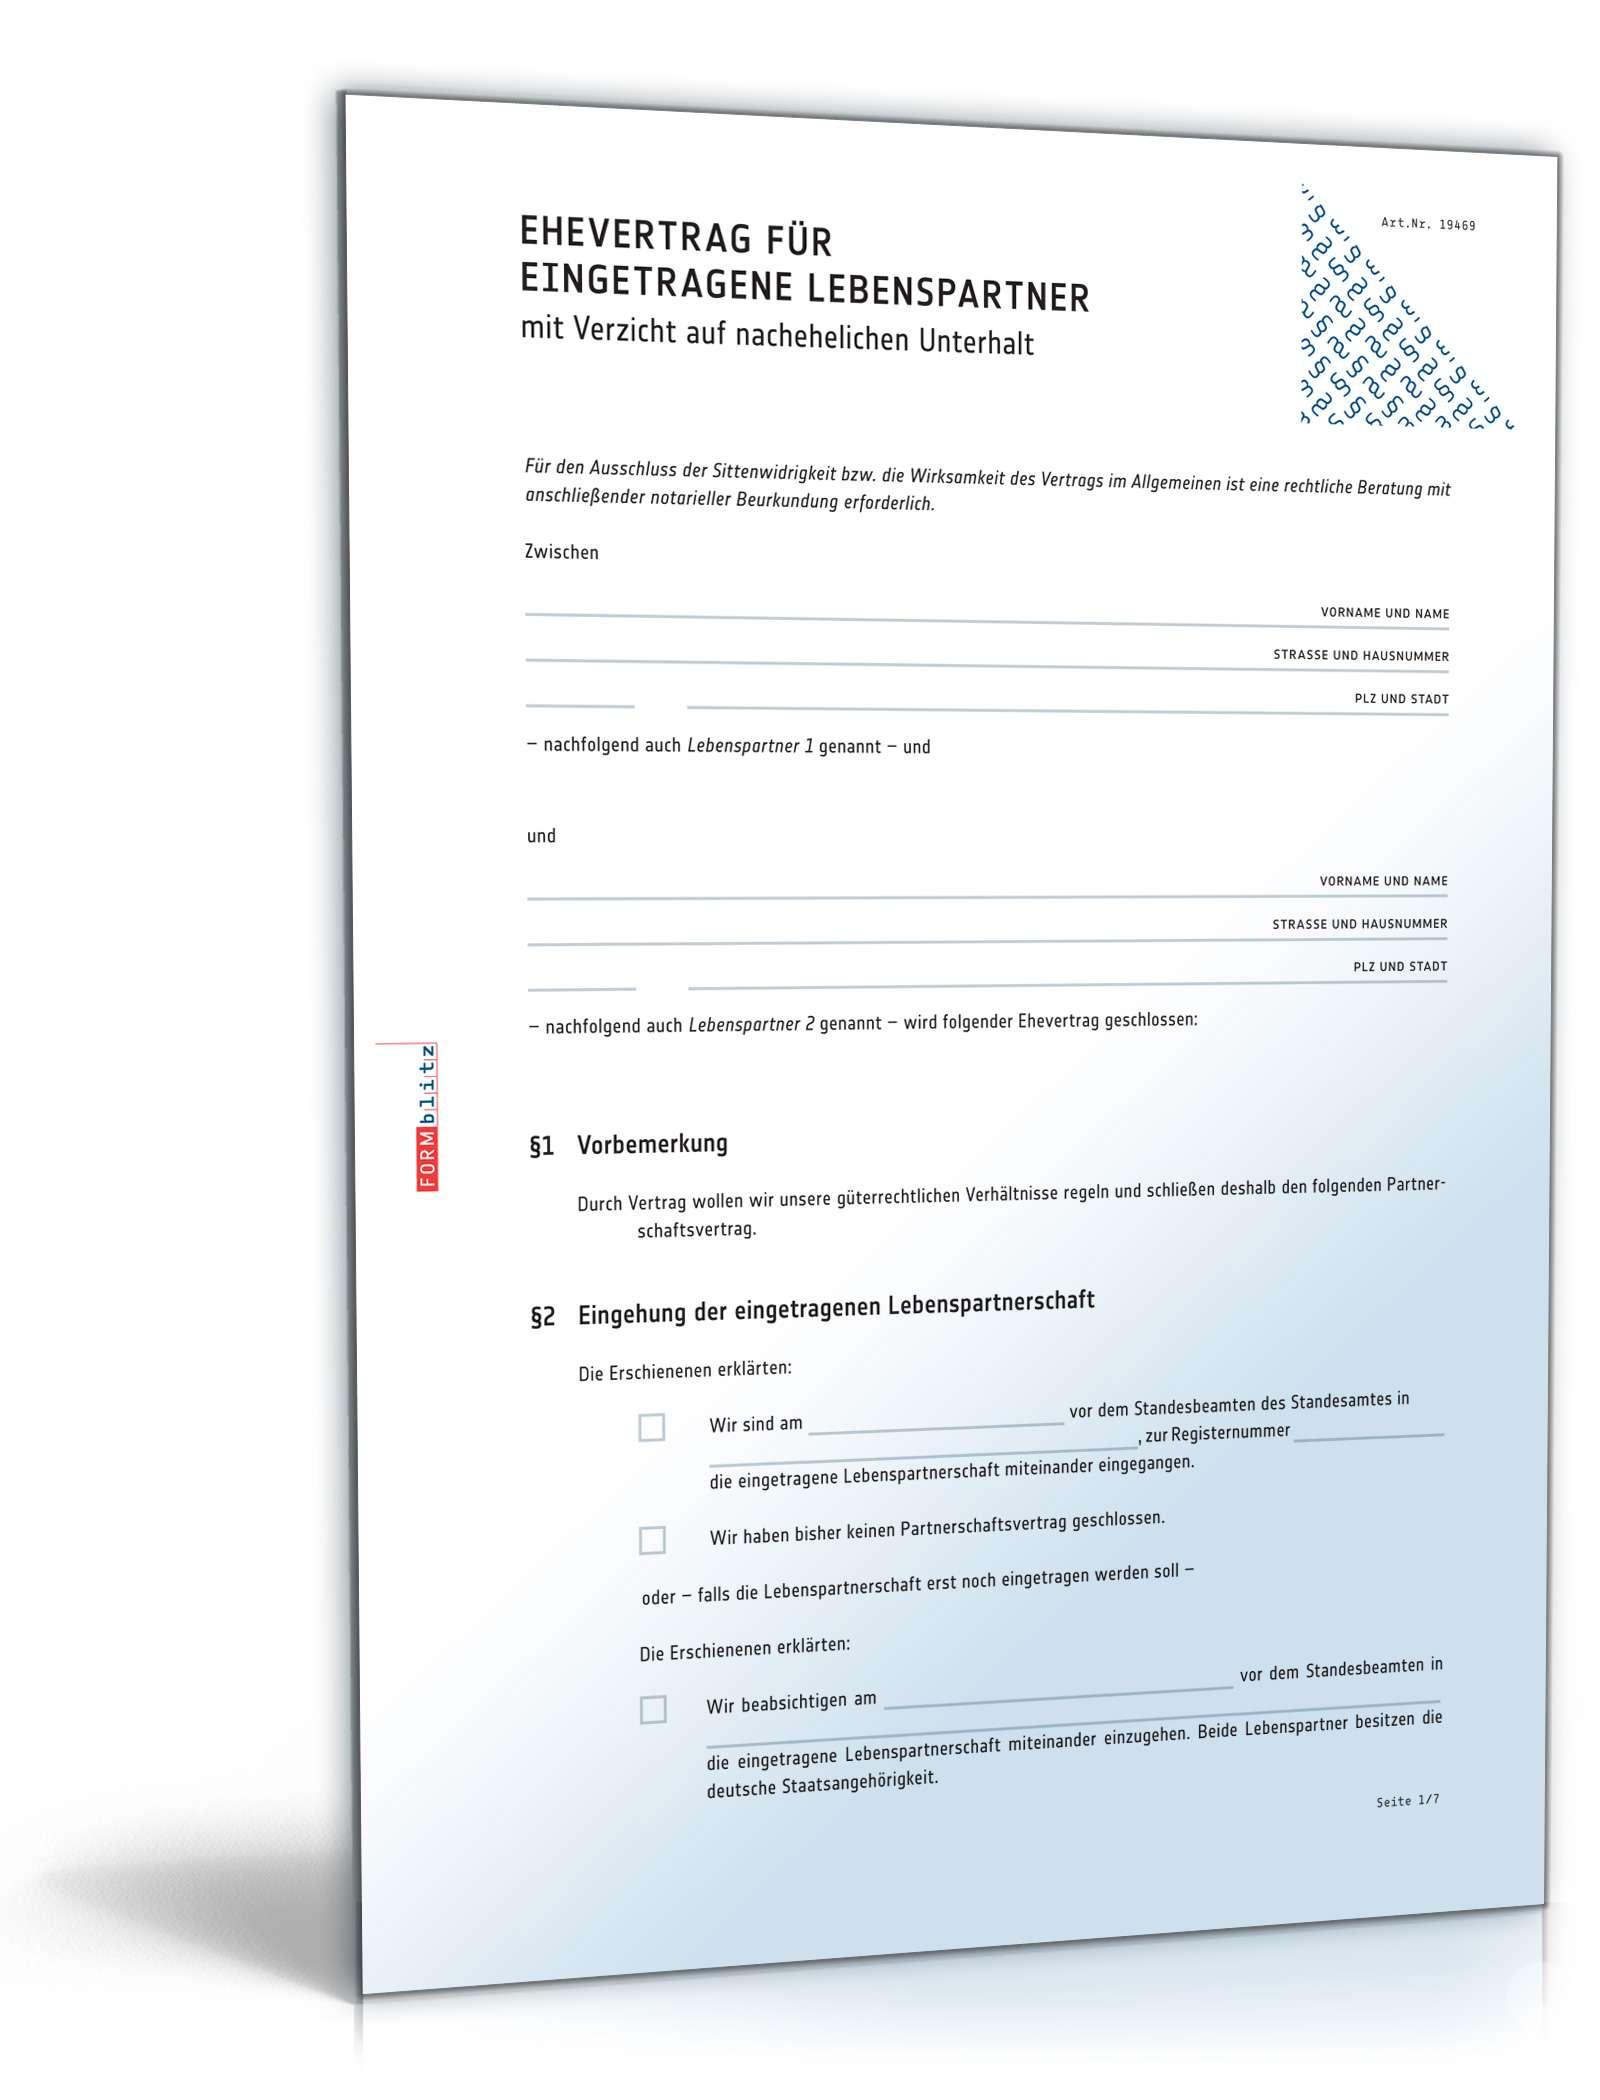 Ehevertrag Eingetragene Lebenspartnerschaft Vorlage Zum Download